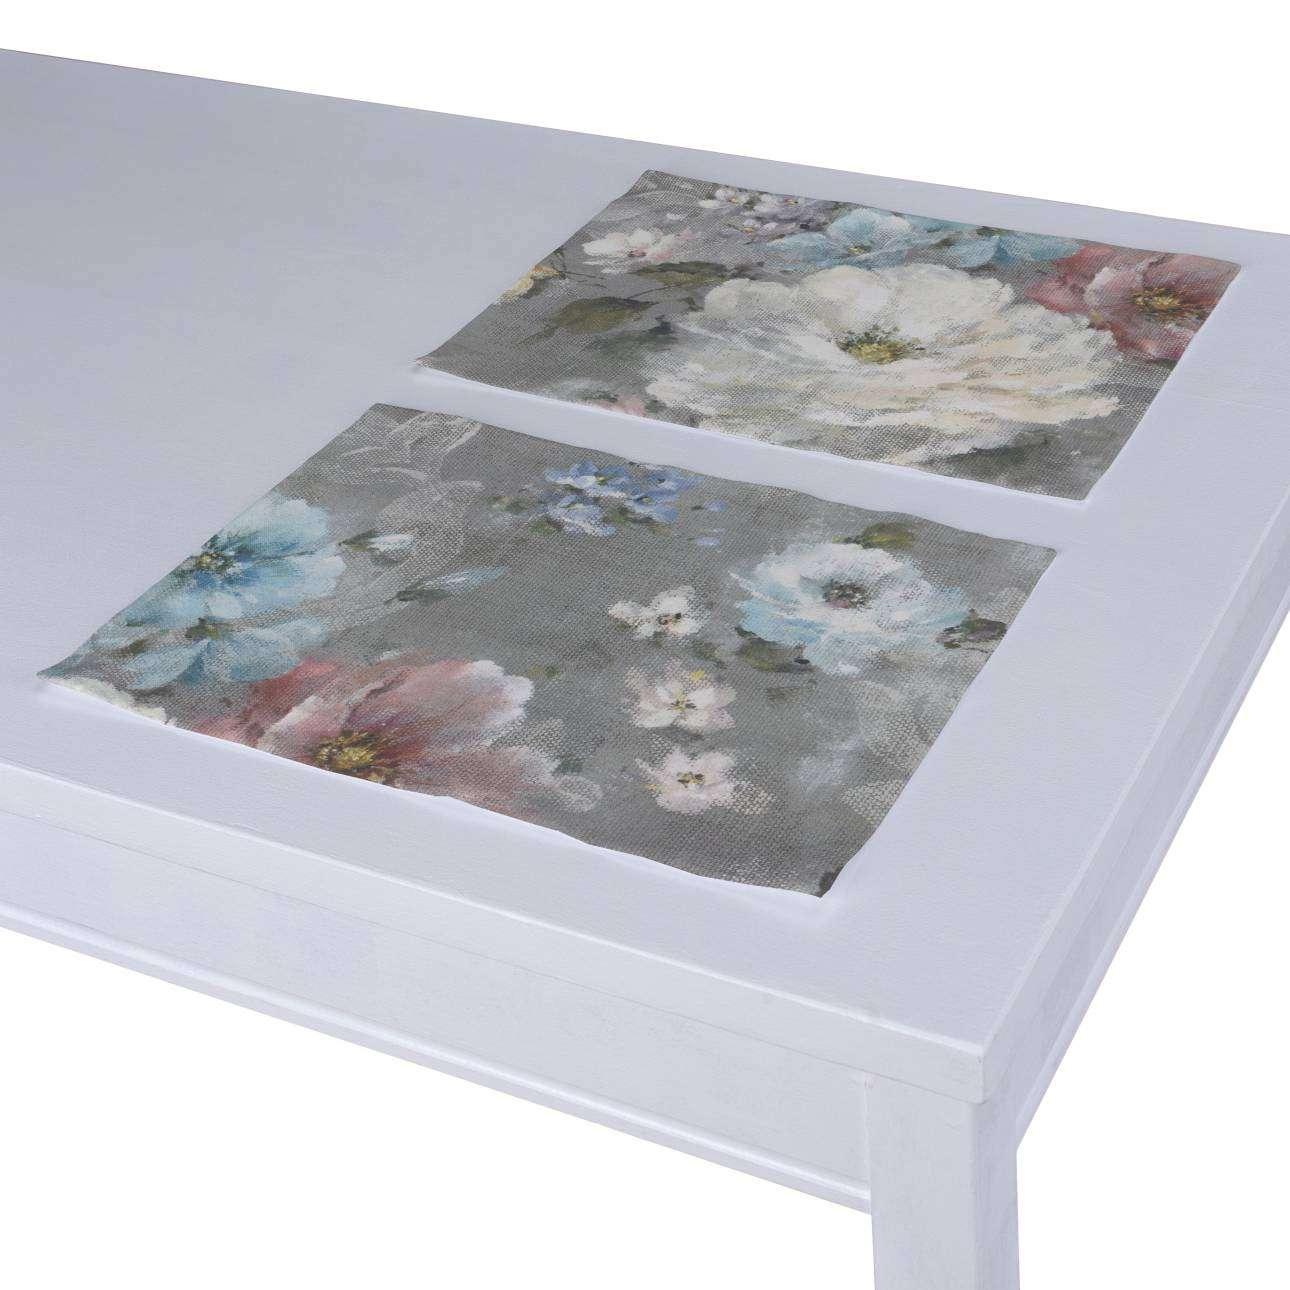 Stalo servetėlės/stalo padėkliukai – 2 vnt. 30 x 40 cm kolekcijoje Monet, audinys: 137-81